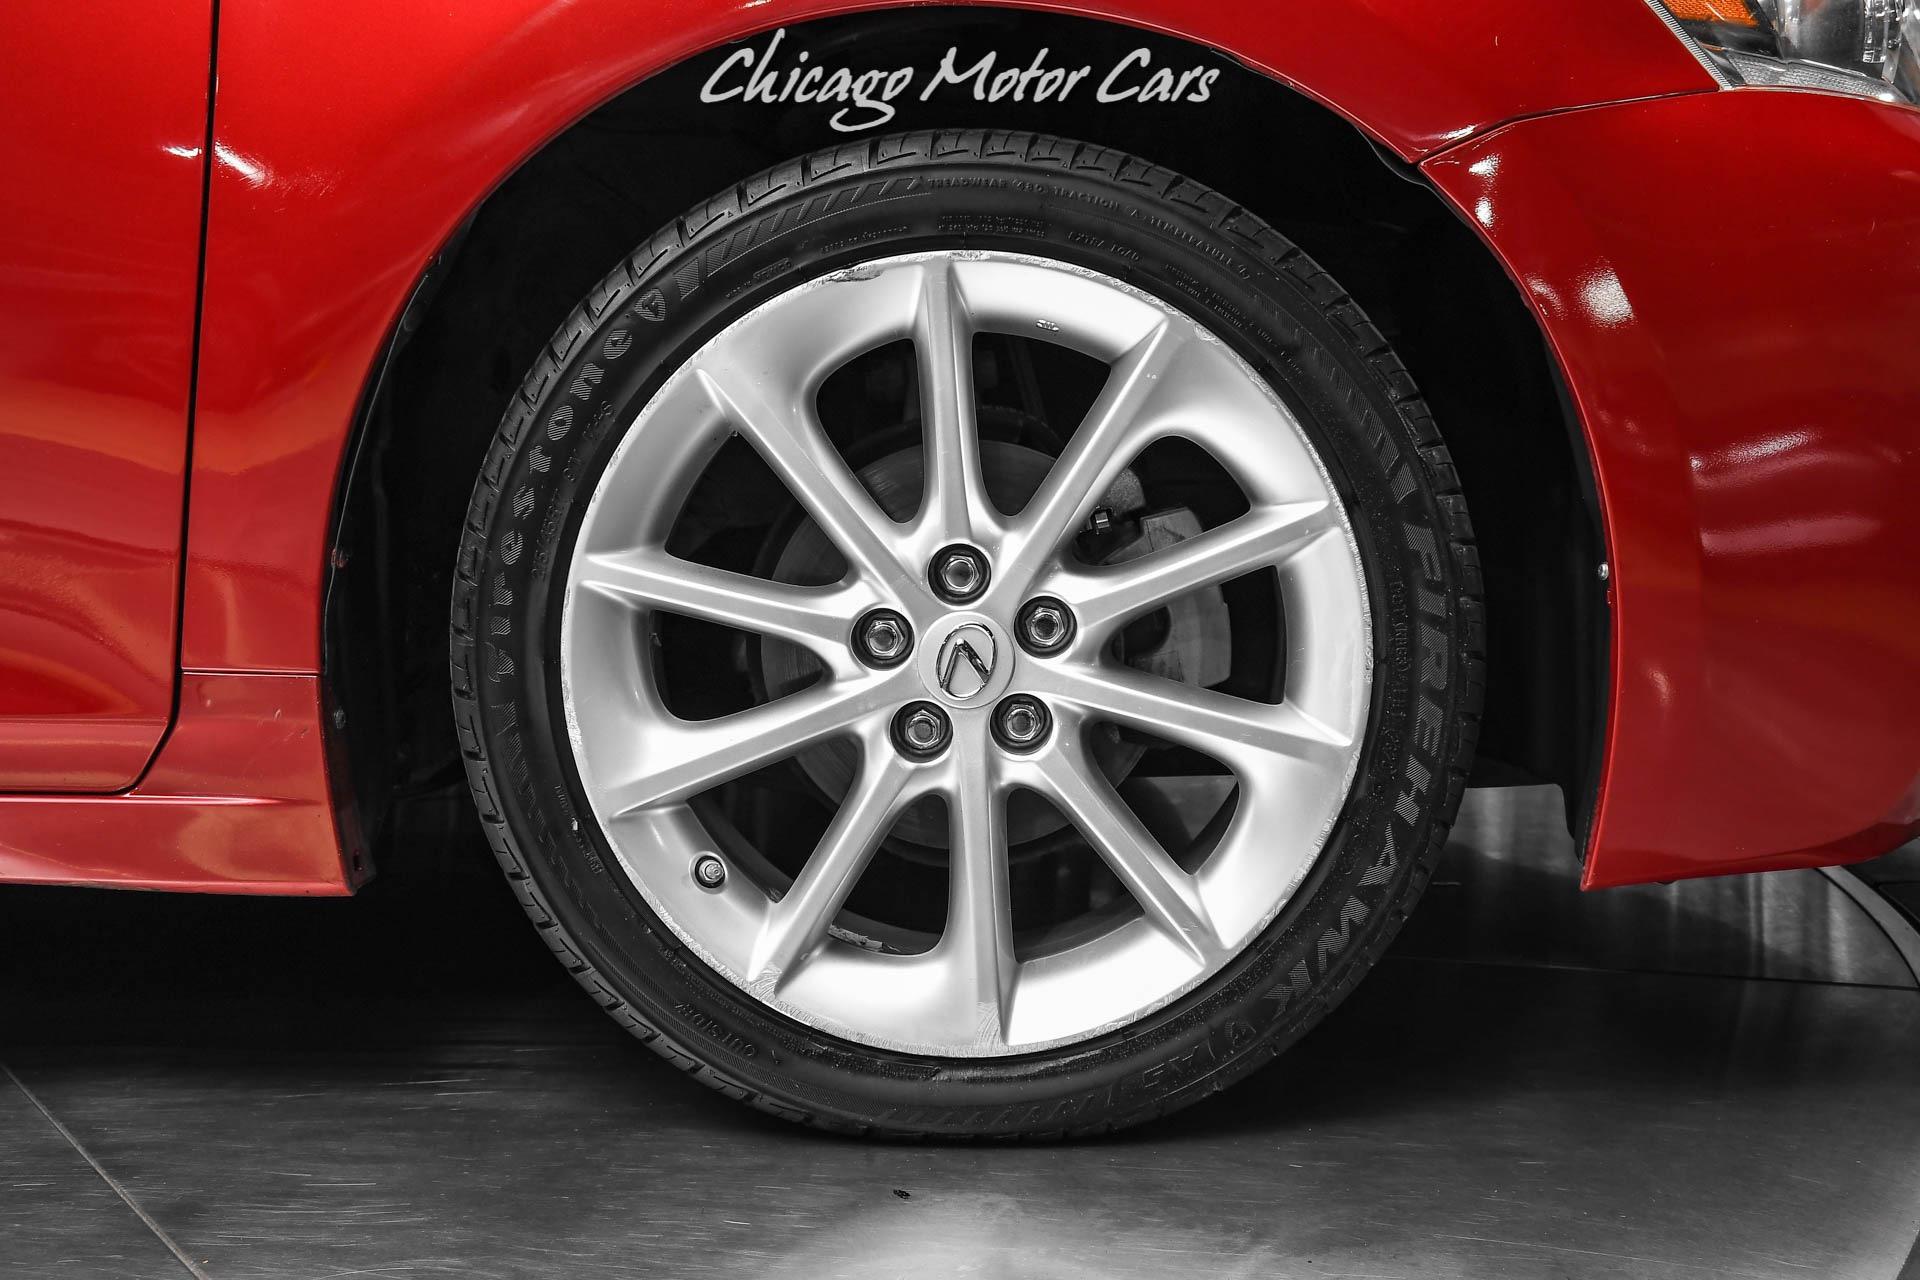 Used-2012-Lexus-CT-200h-Premium-NAVI-BACKUP-HEATED-SEATS-HYBRID